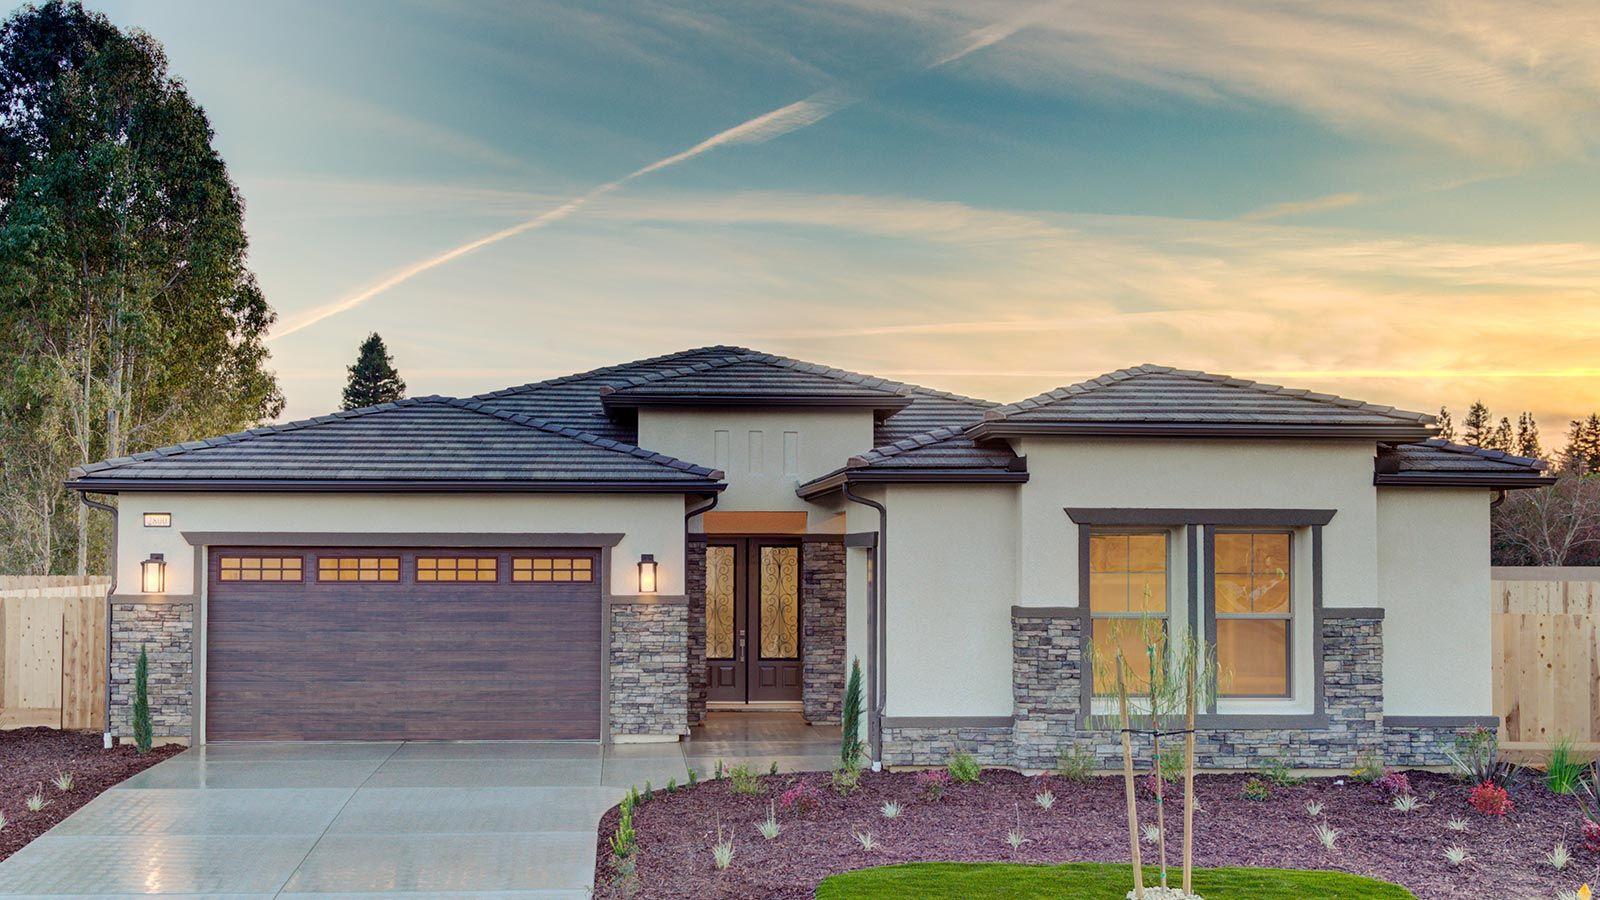 Cali - Modern Prairie:Similar Home